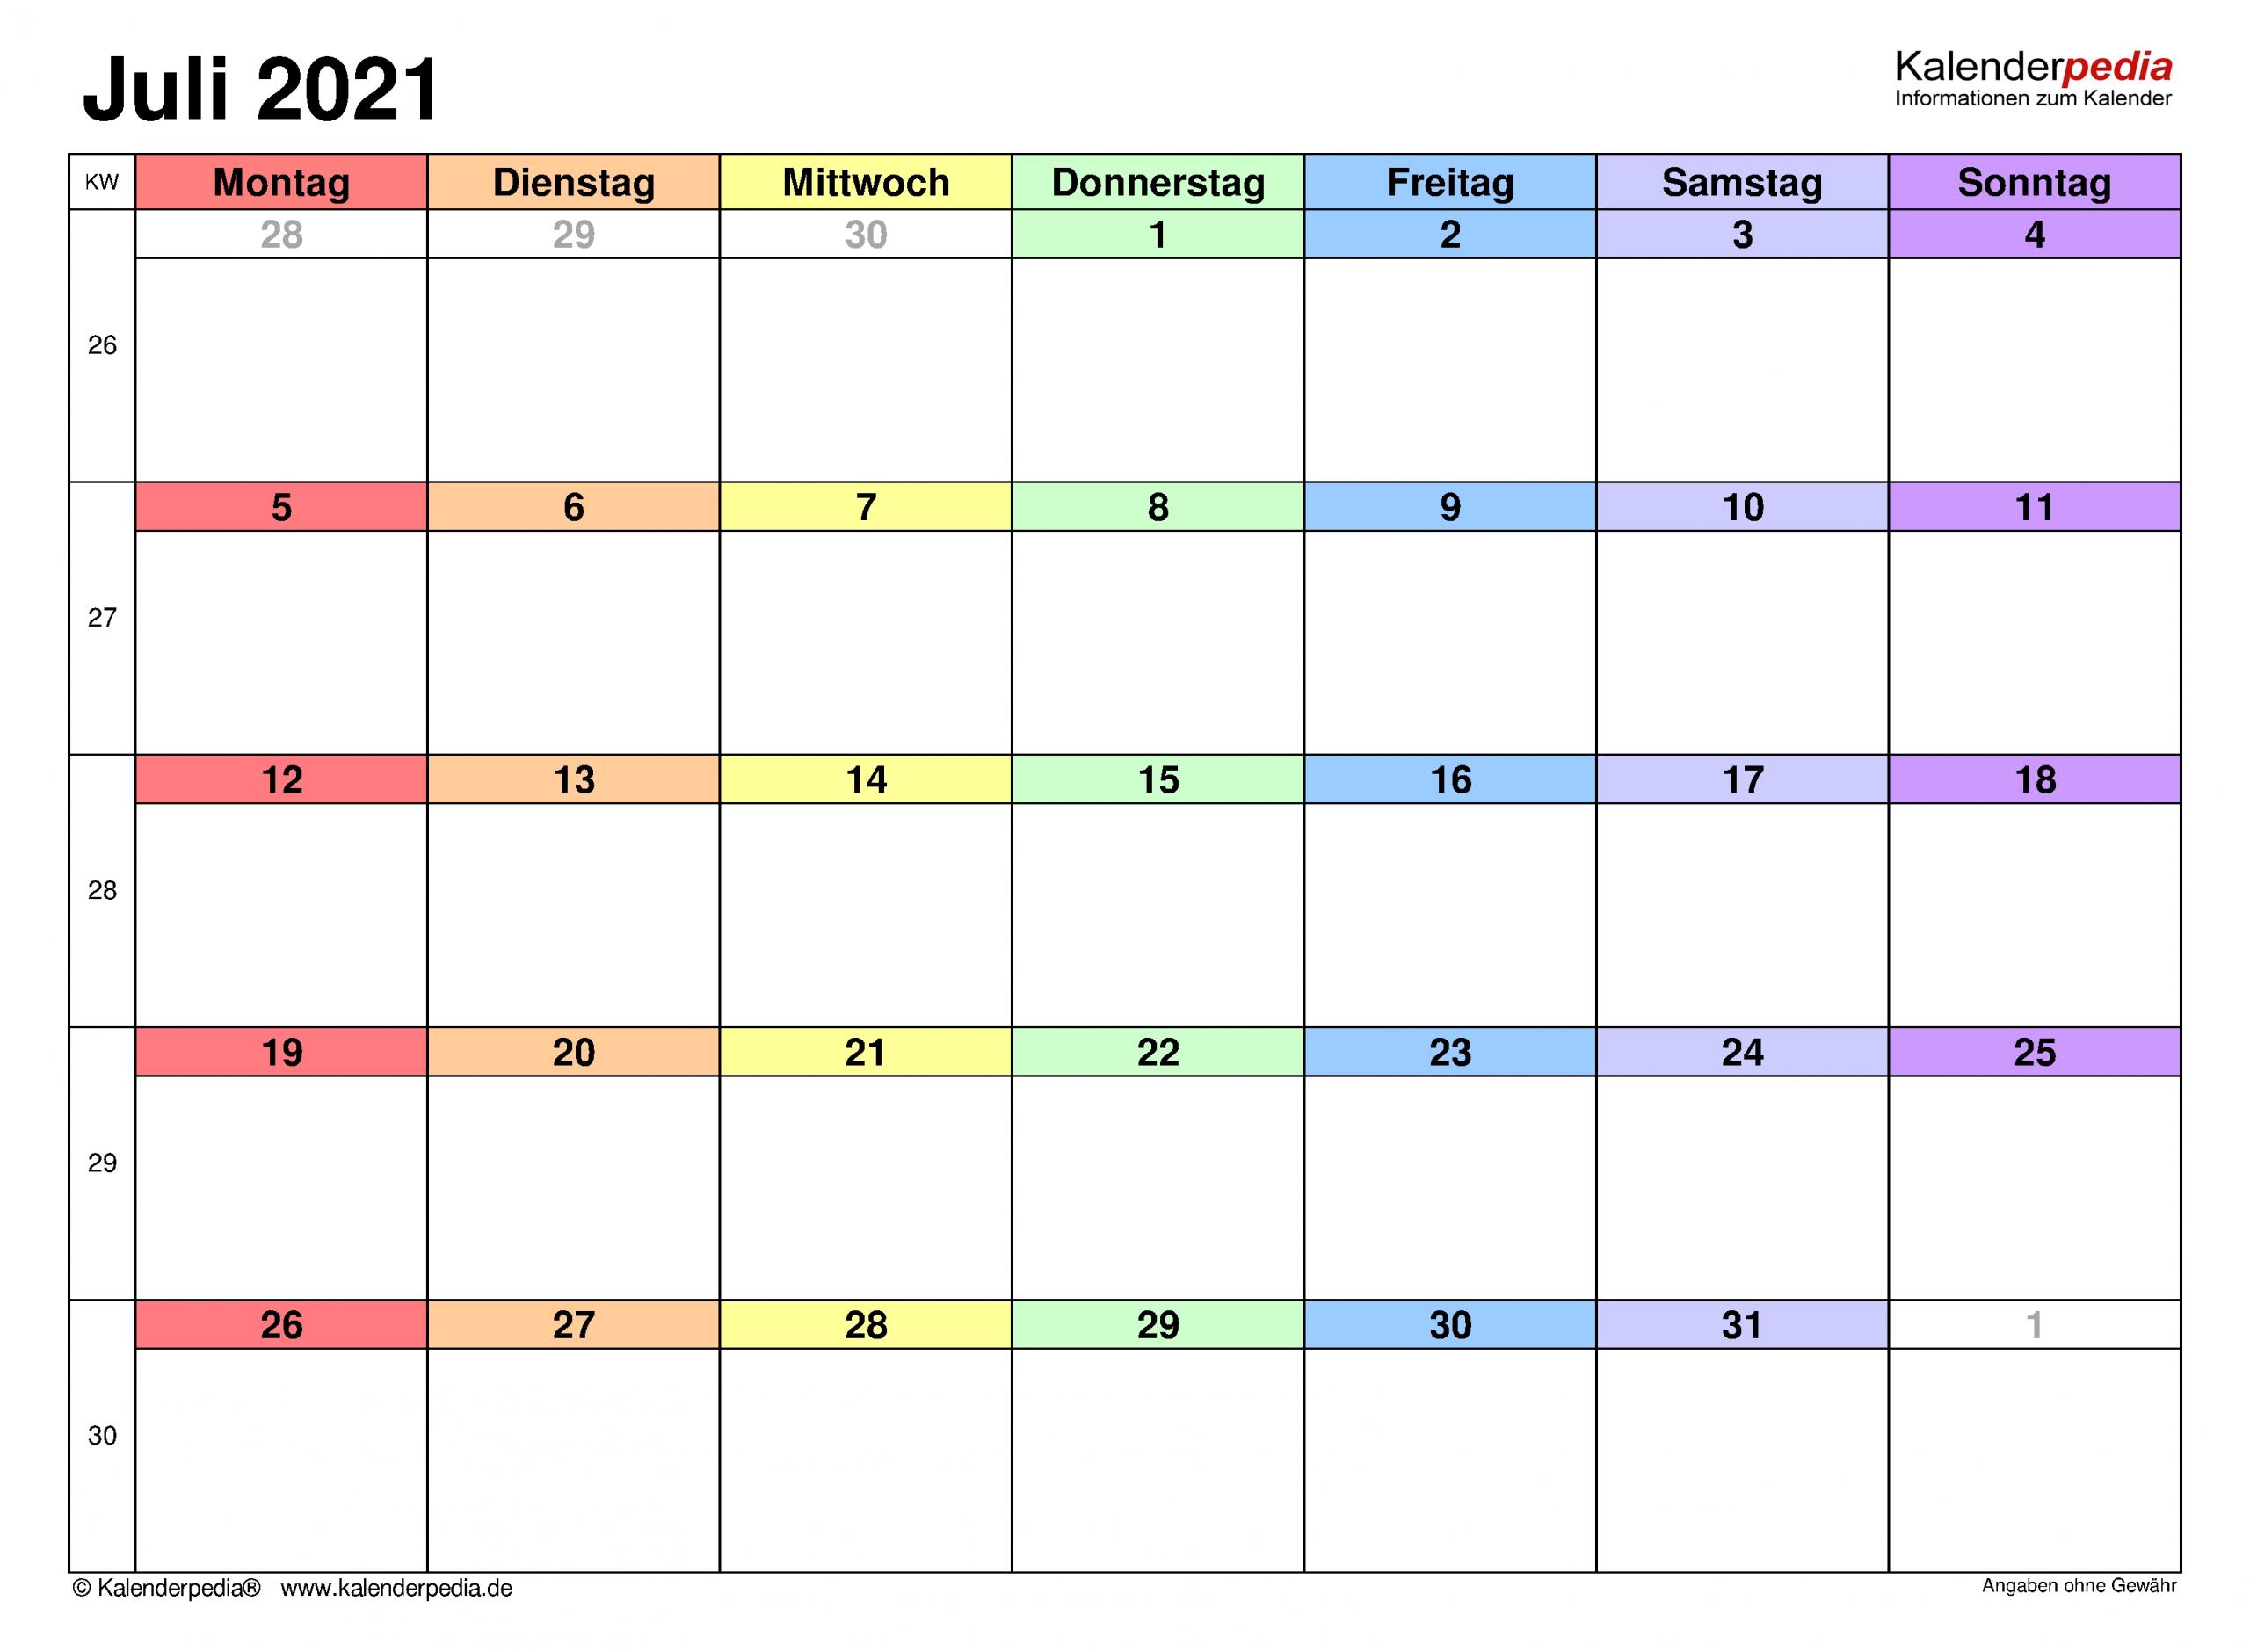 Get Kalender 2021 Juli Zum Ausdrucken Kostenlos